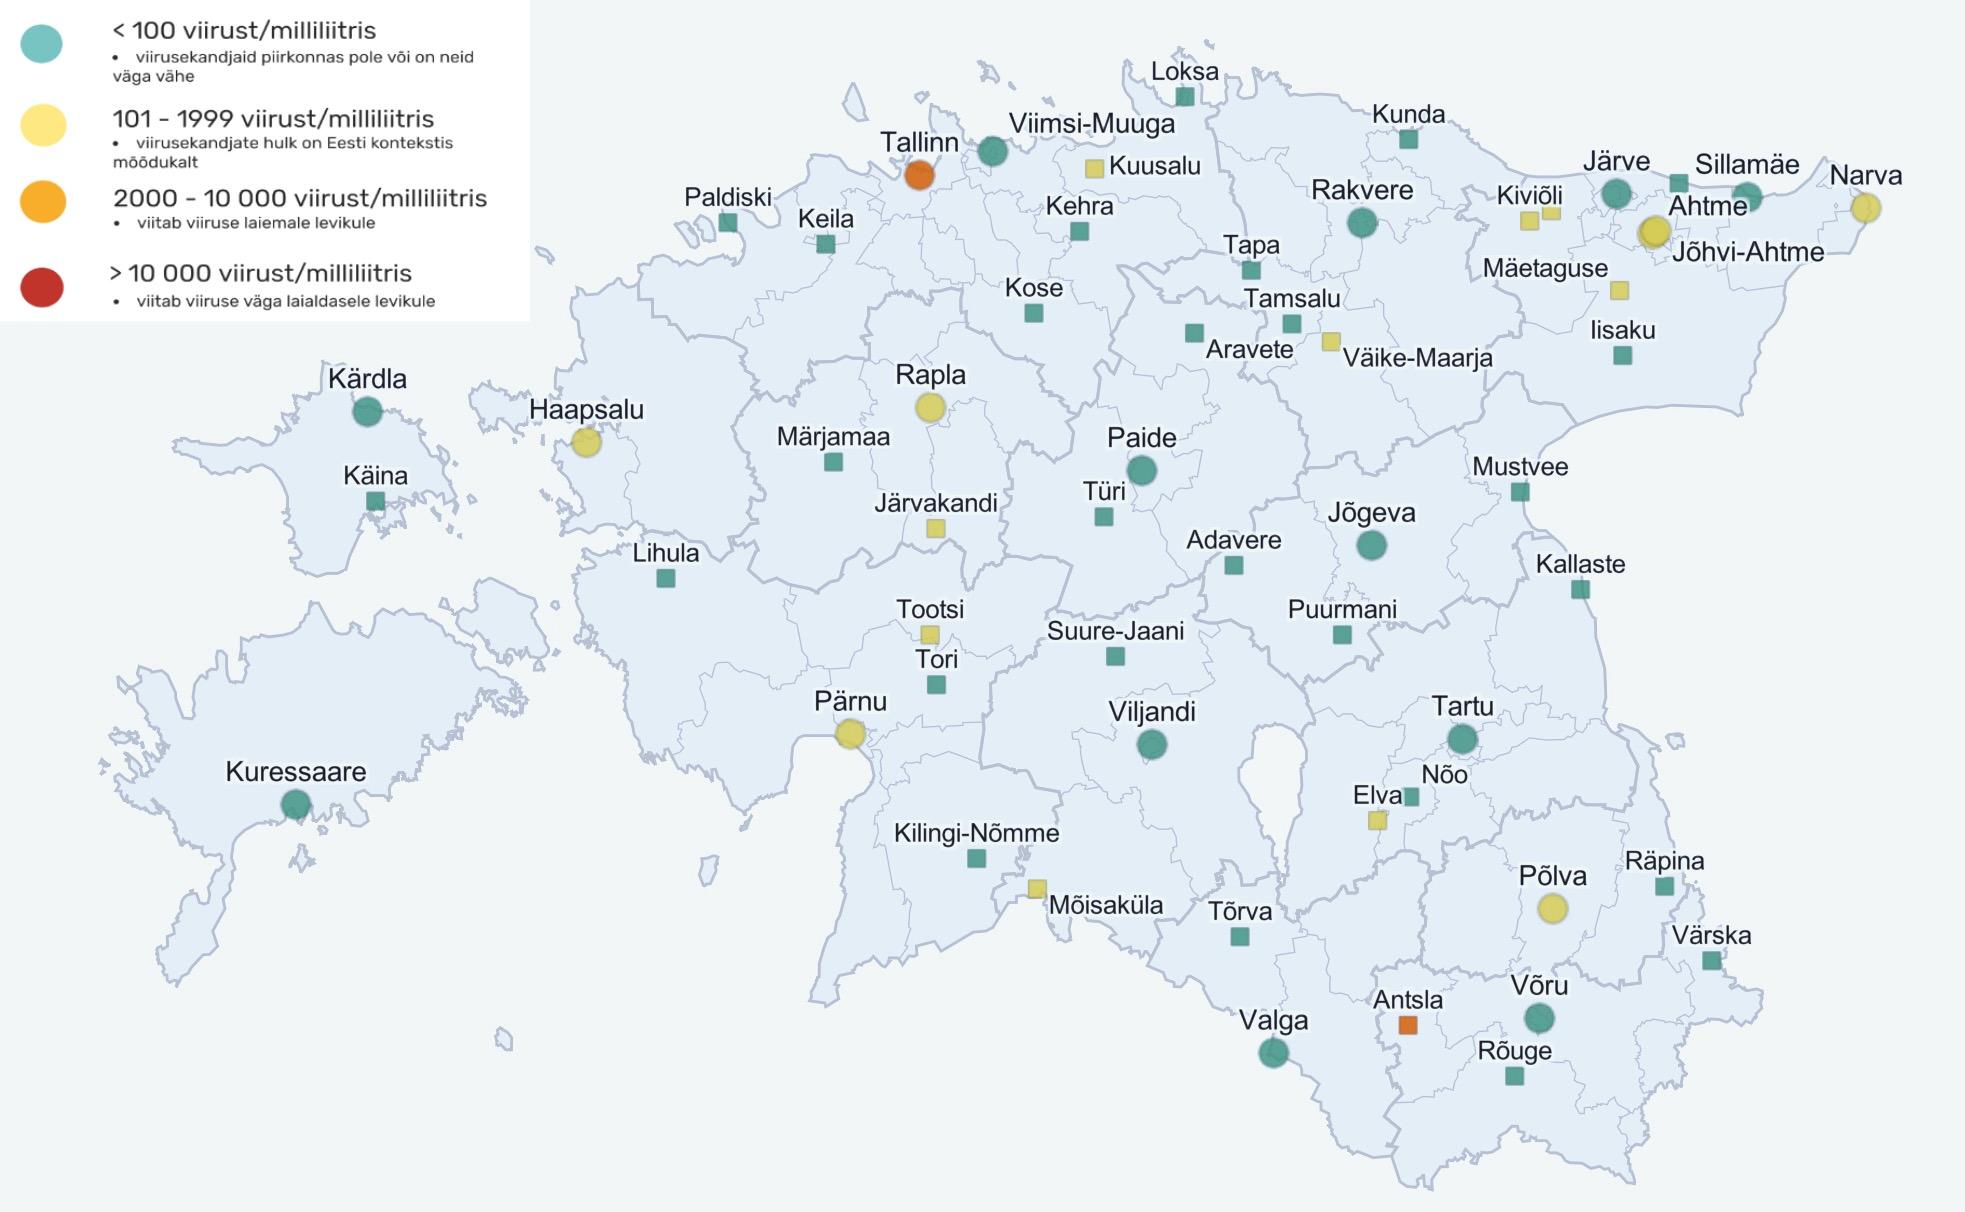 Reoveeuuringu tulemuste kaart on valdavalt roheline